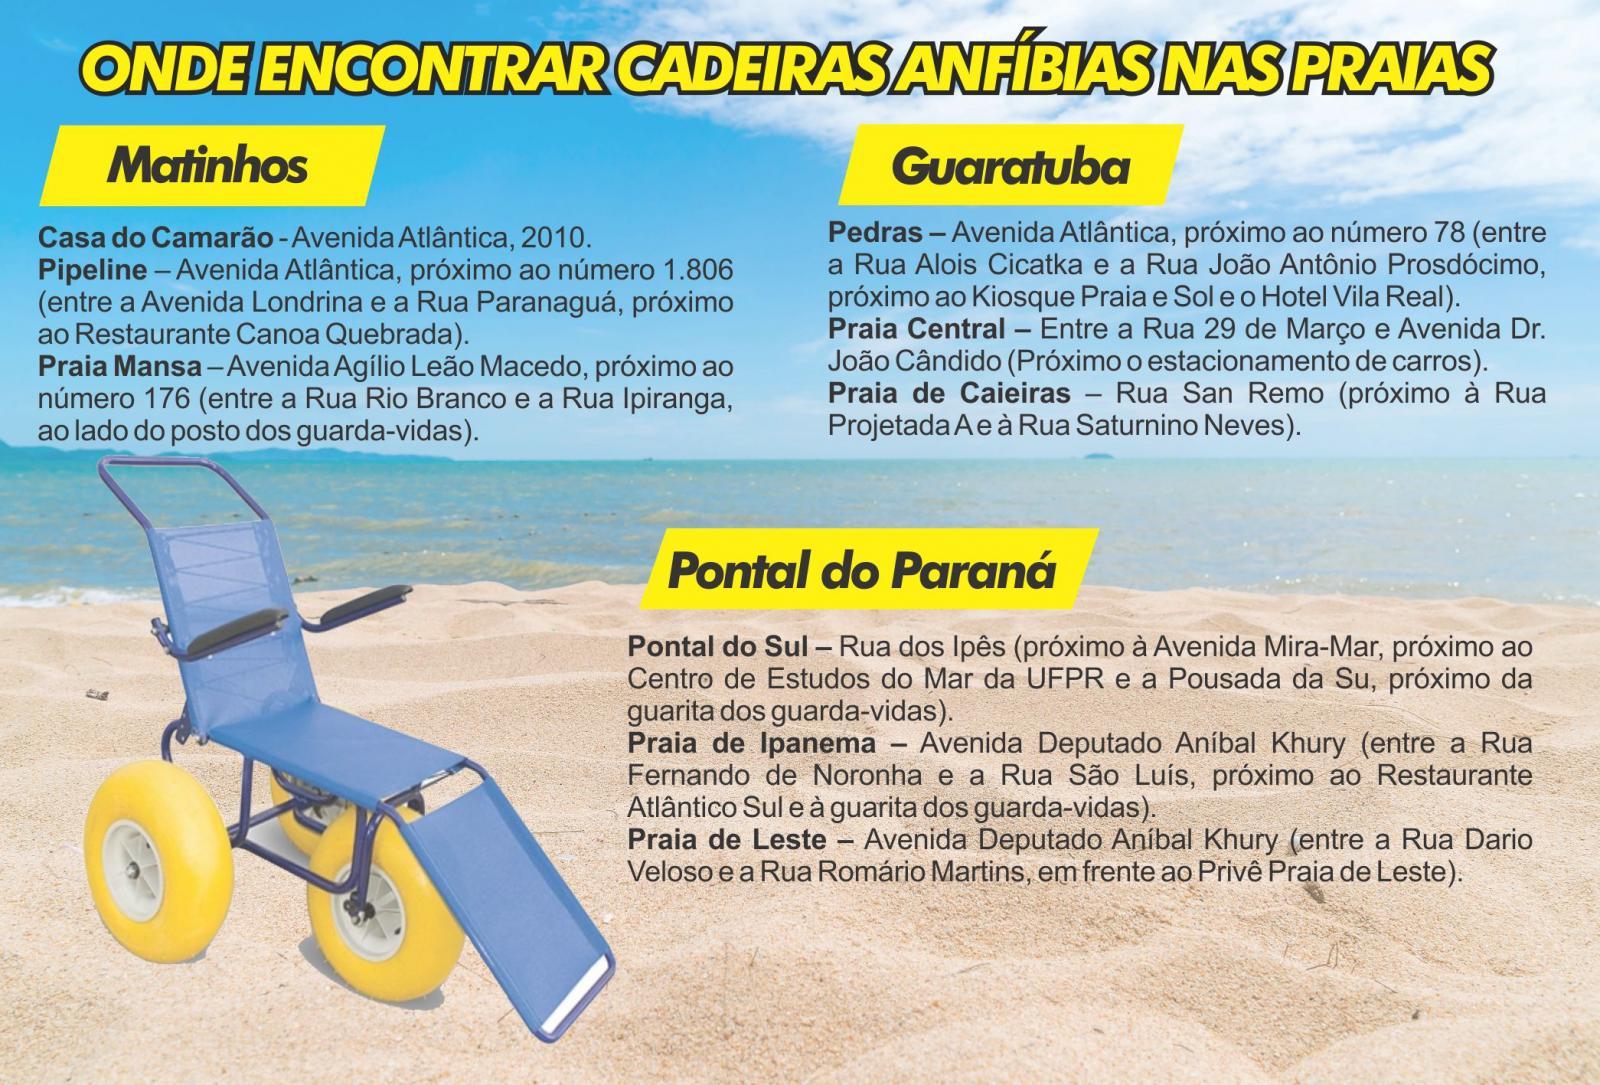 cadeiras anfíbias, acessibilidade, mobilidade reduzida, praias, litoral do paraná, matinhos, guaratuba, pontal do paraná